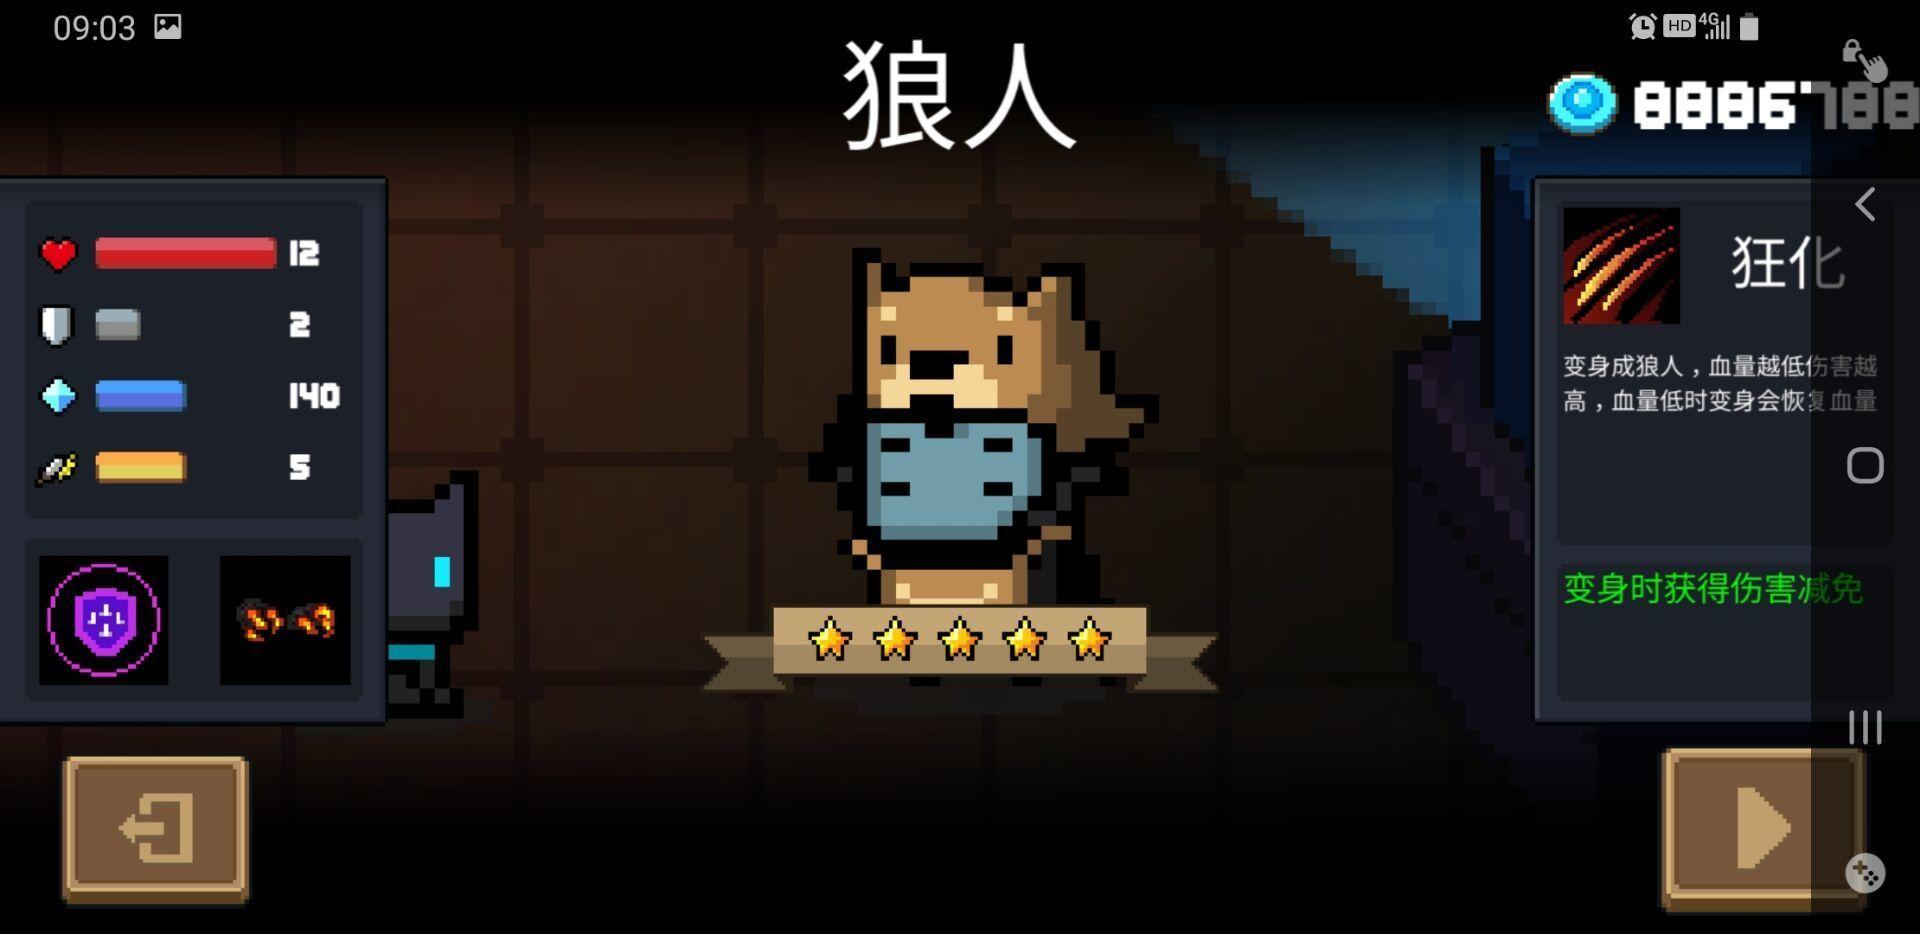 元氣騎士破解版2.3.0